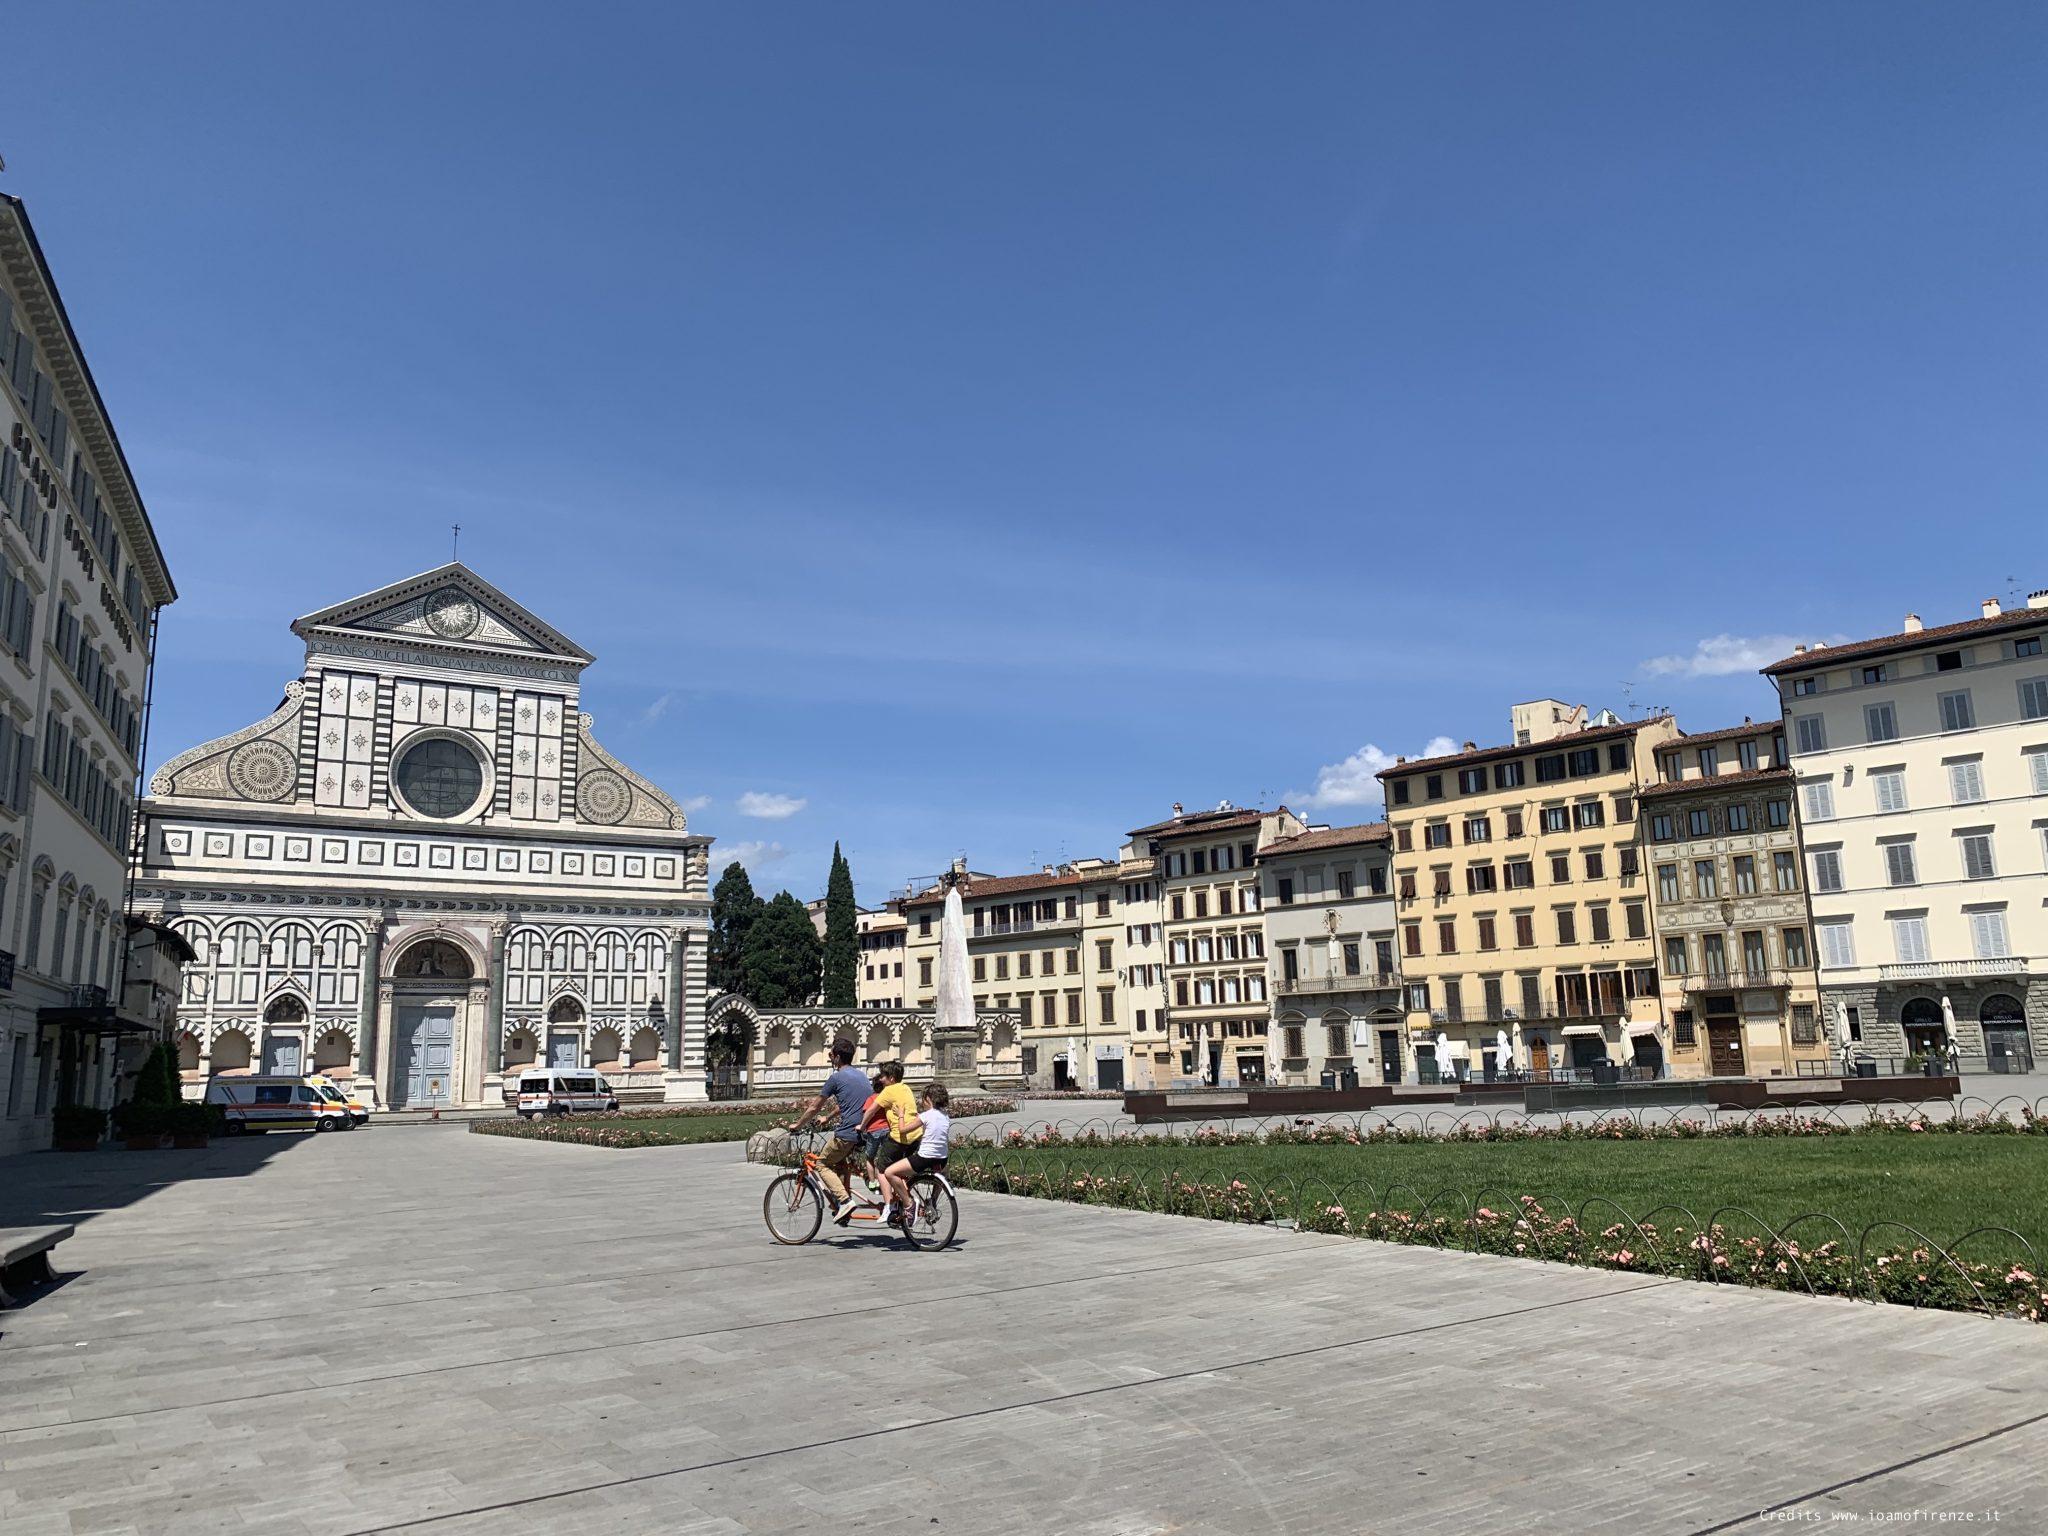 Firenze senza turisti, Firenze coi fiorentini